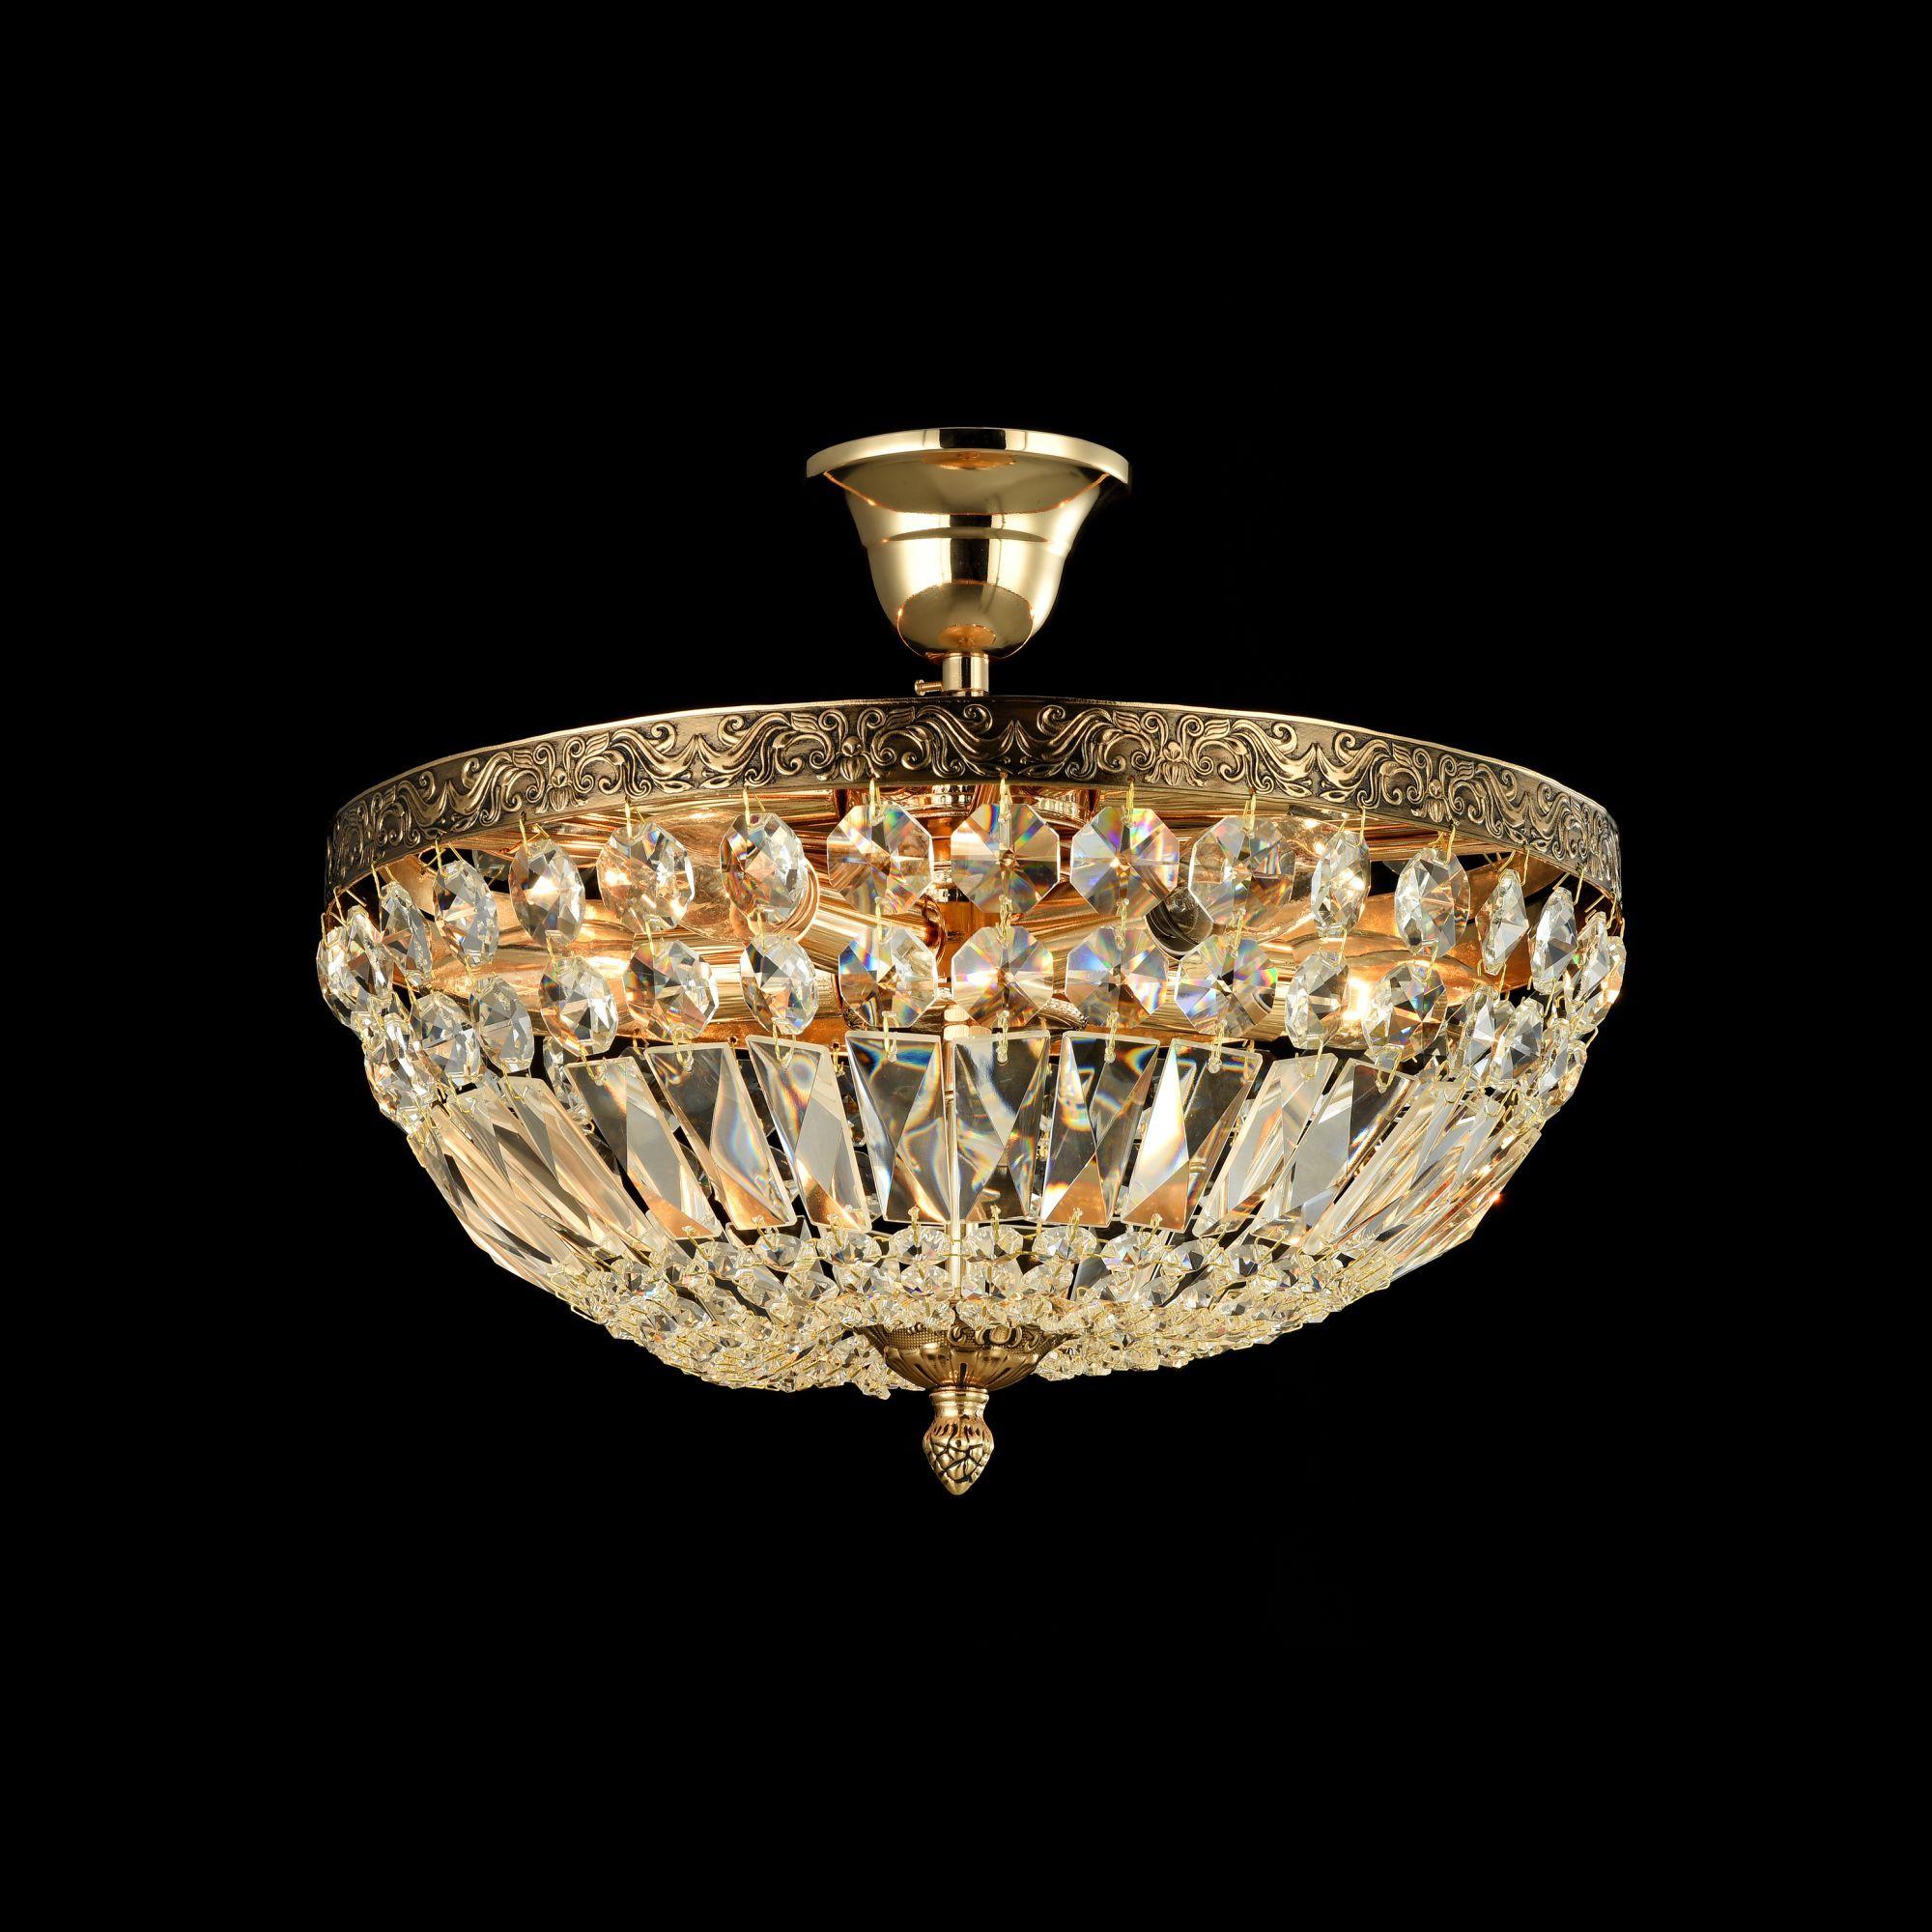 Потолочная люстра Maytoni Tiara DIA500-CL-30-05-G (b500-pt30-g), 5xE14x60W, черненое золото, прозрачный, металл, хрусталь - фото 4